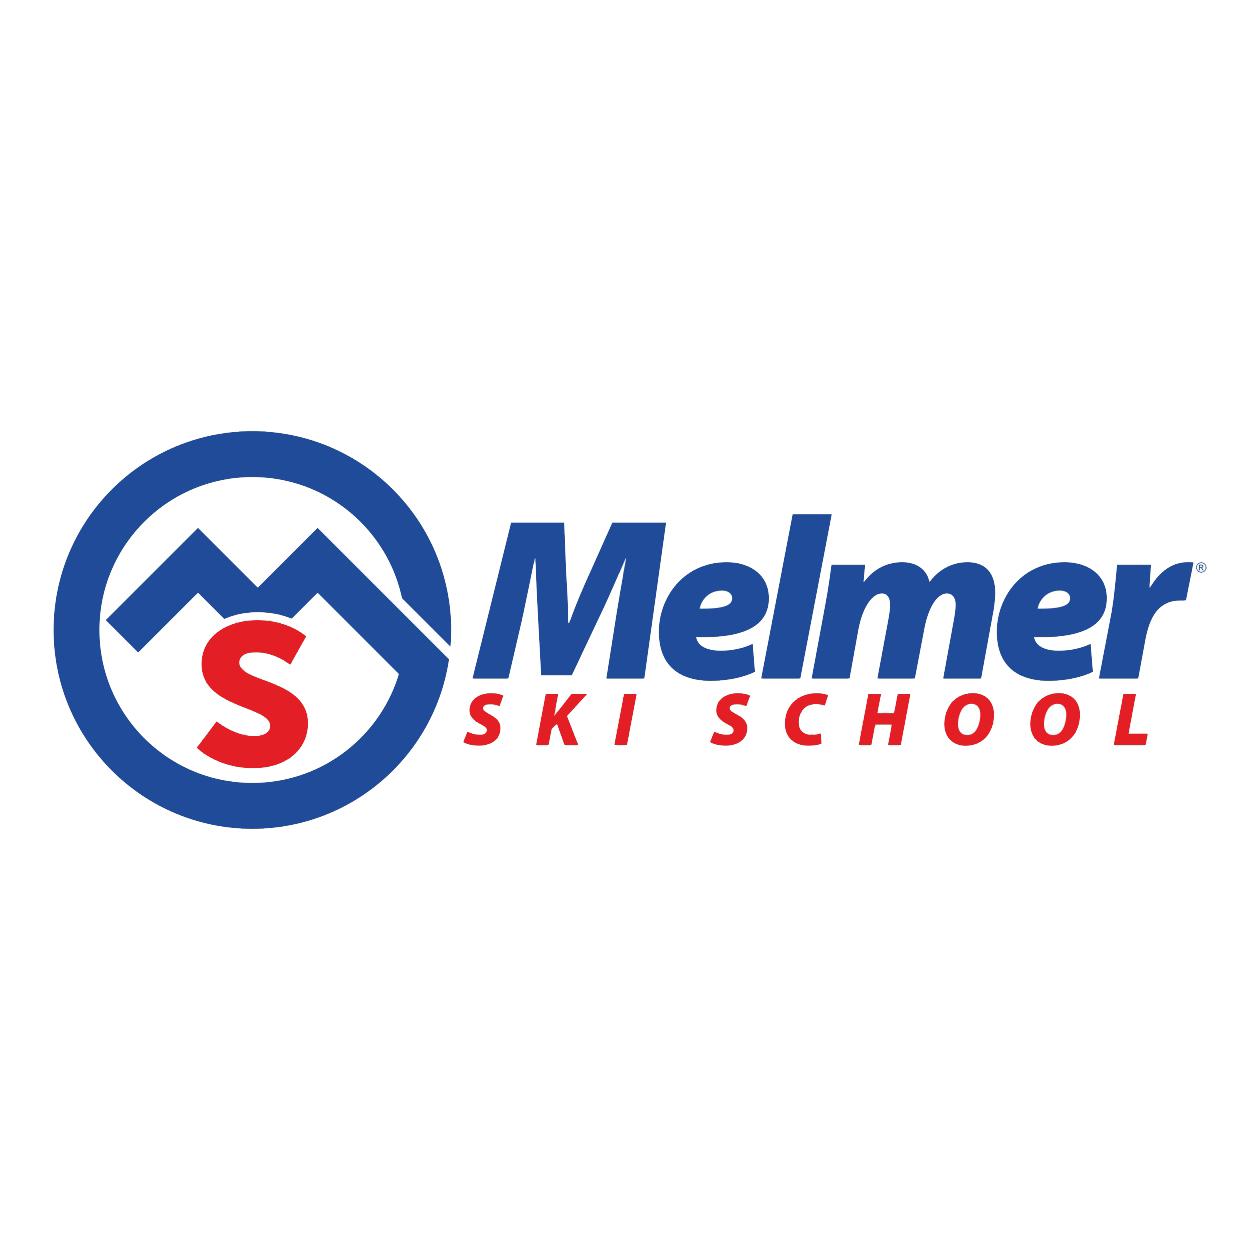 Melmer Skischool